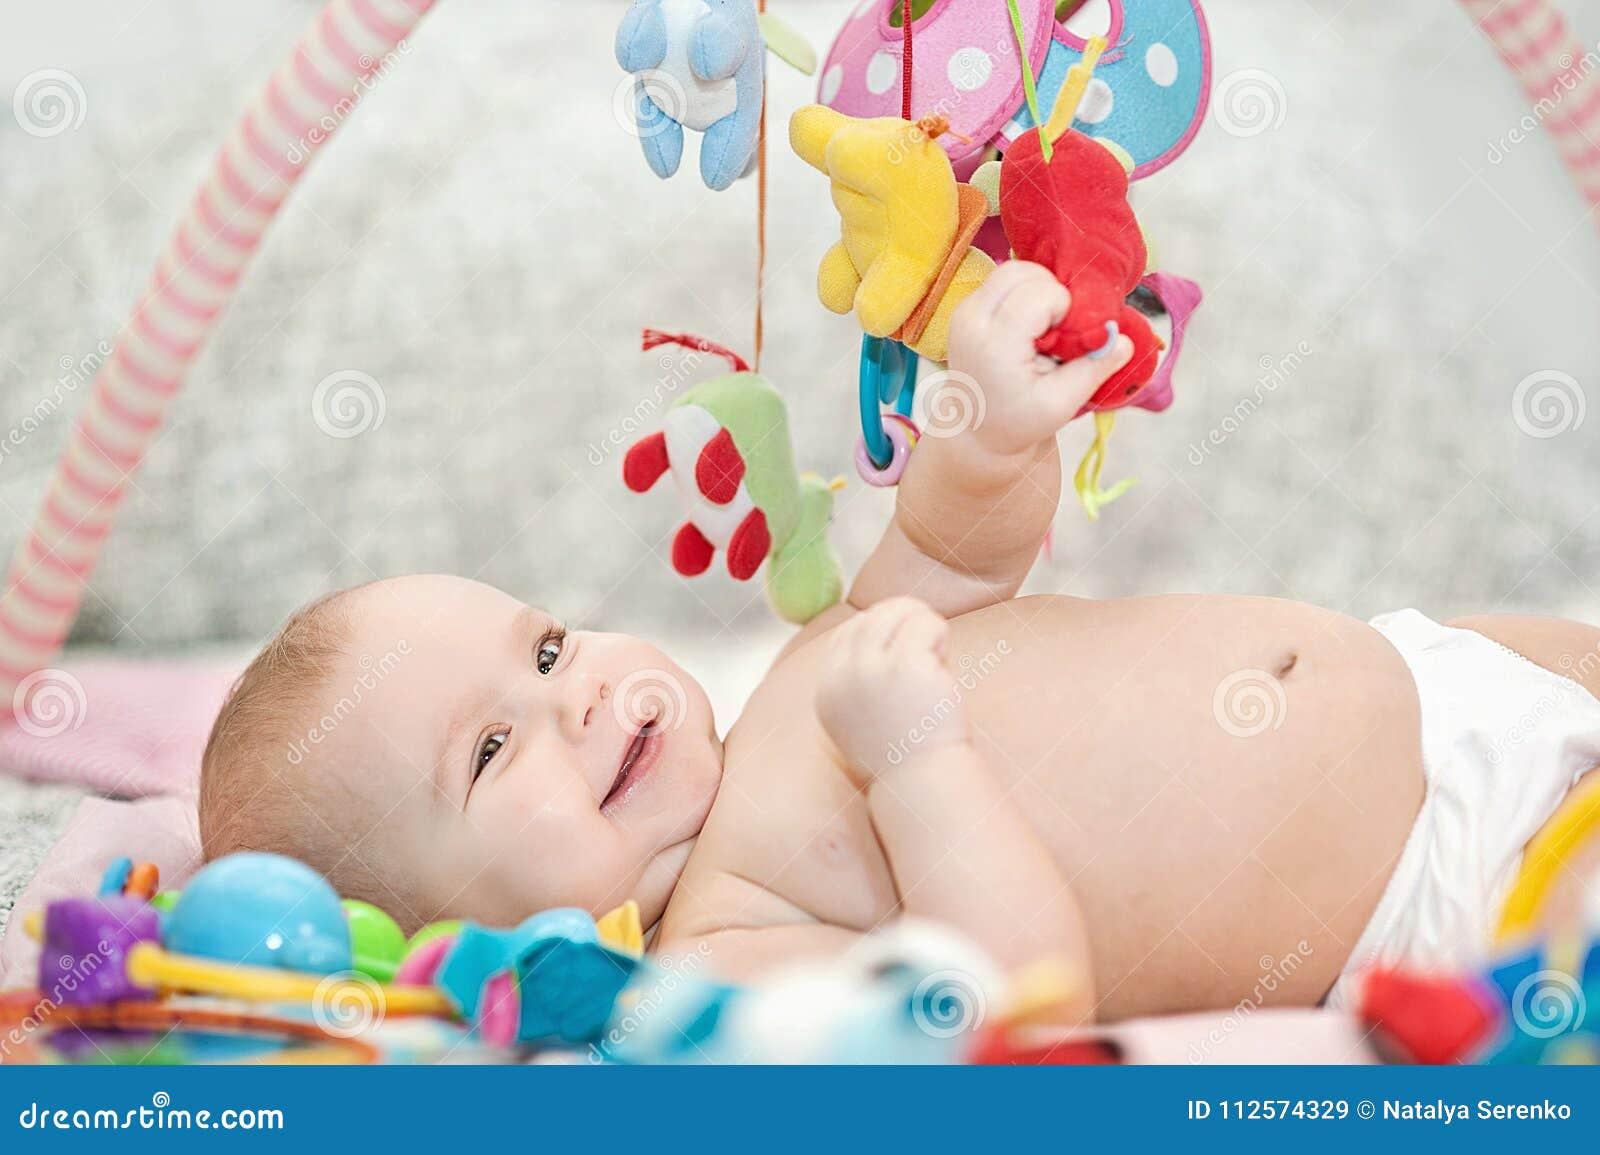 Младенец лежа на превращаясь половике играть в черни воспитательные игрушки Сладостный ребенок вползая и играя с игрушками на ков